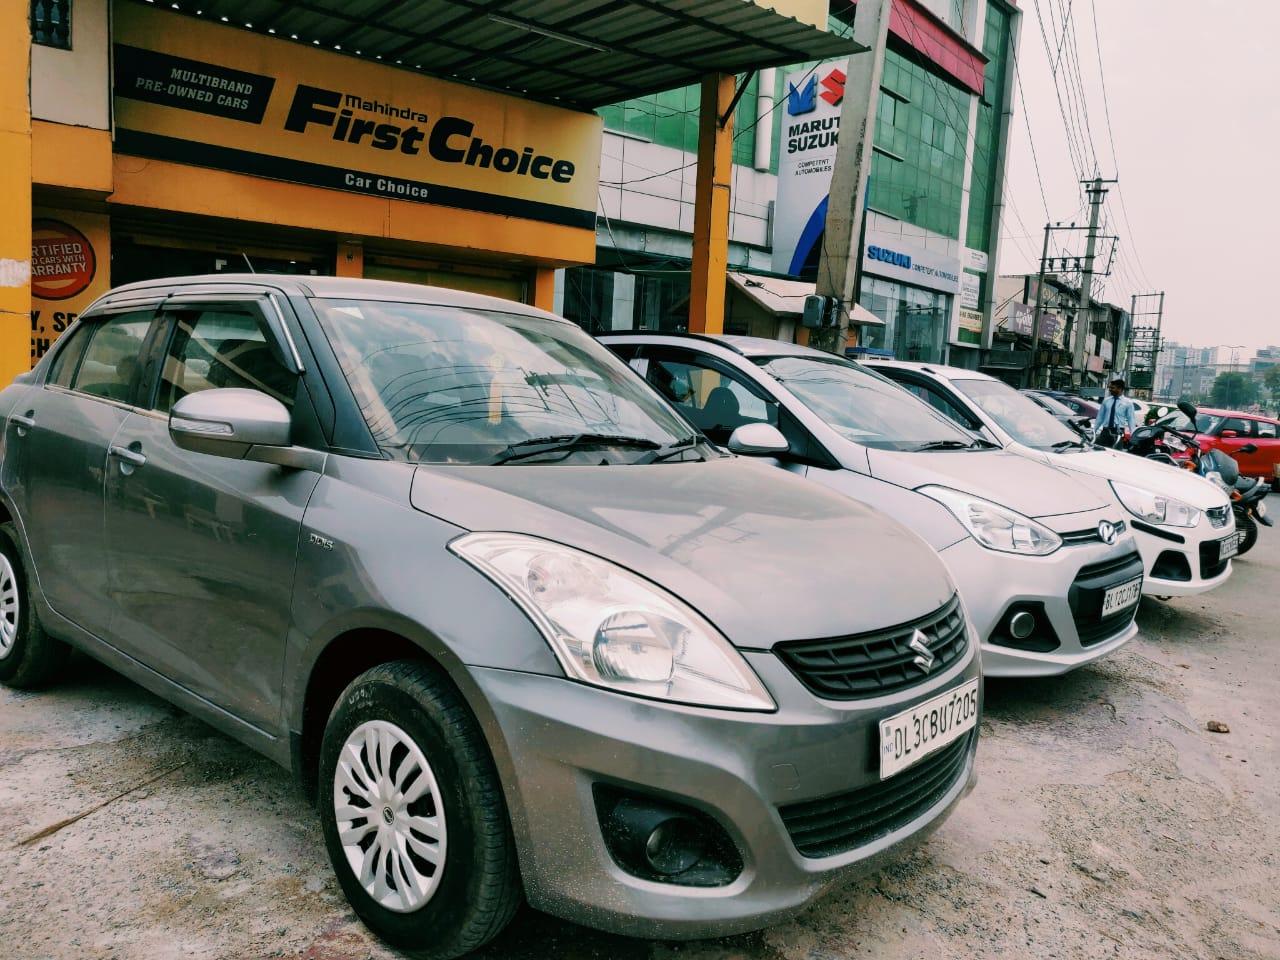 Maruti Suzuki Swift Dzire Vdi Bs Iv - Mahindra First Choice